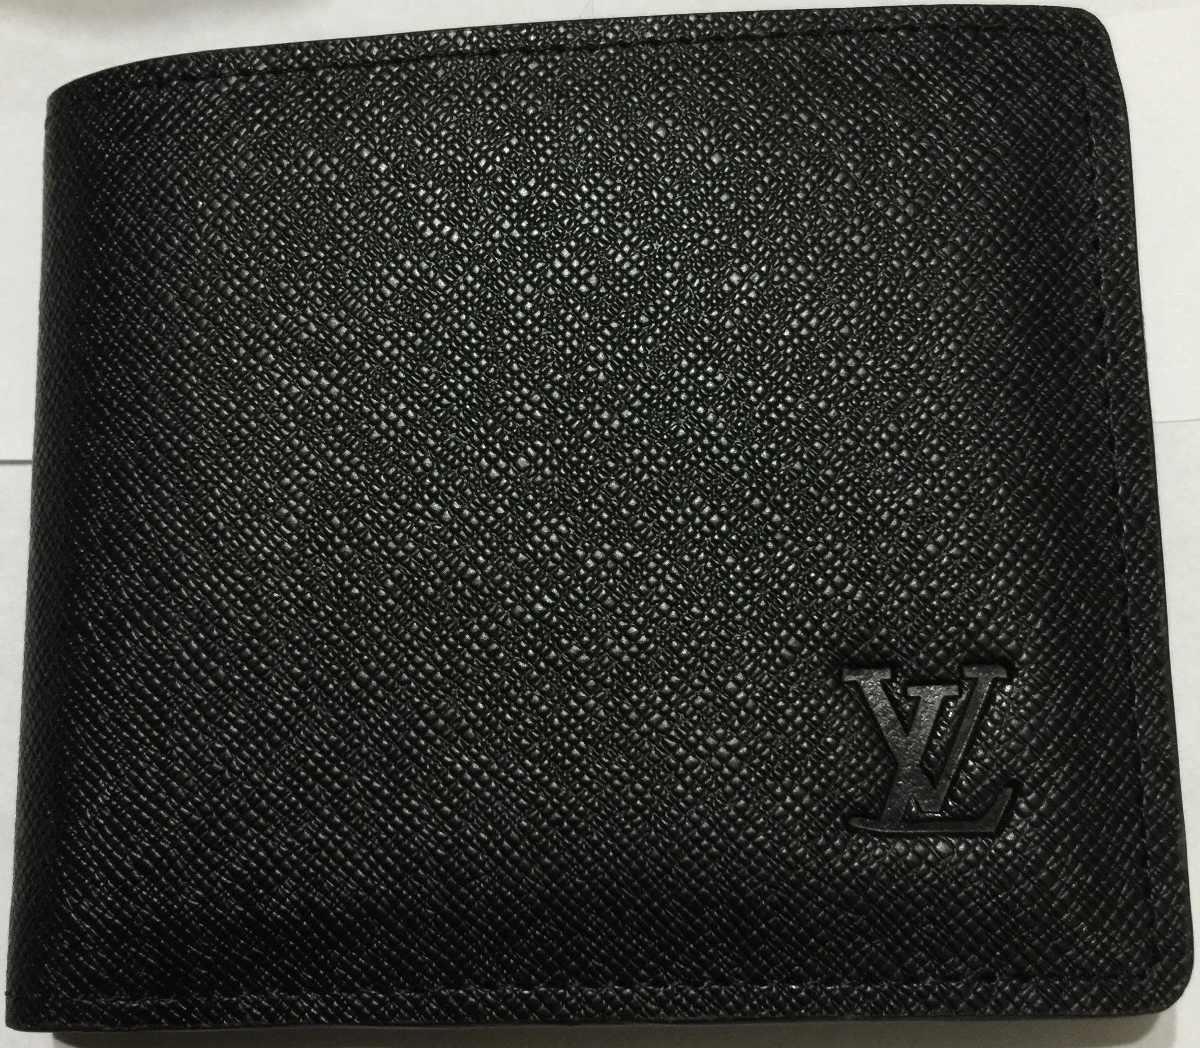 Carteras Louis Vuitton Para Hombre